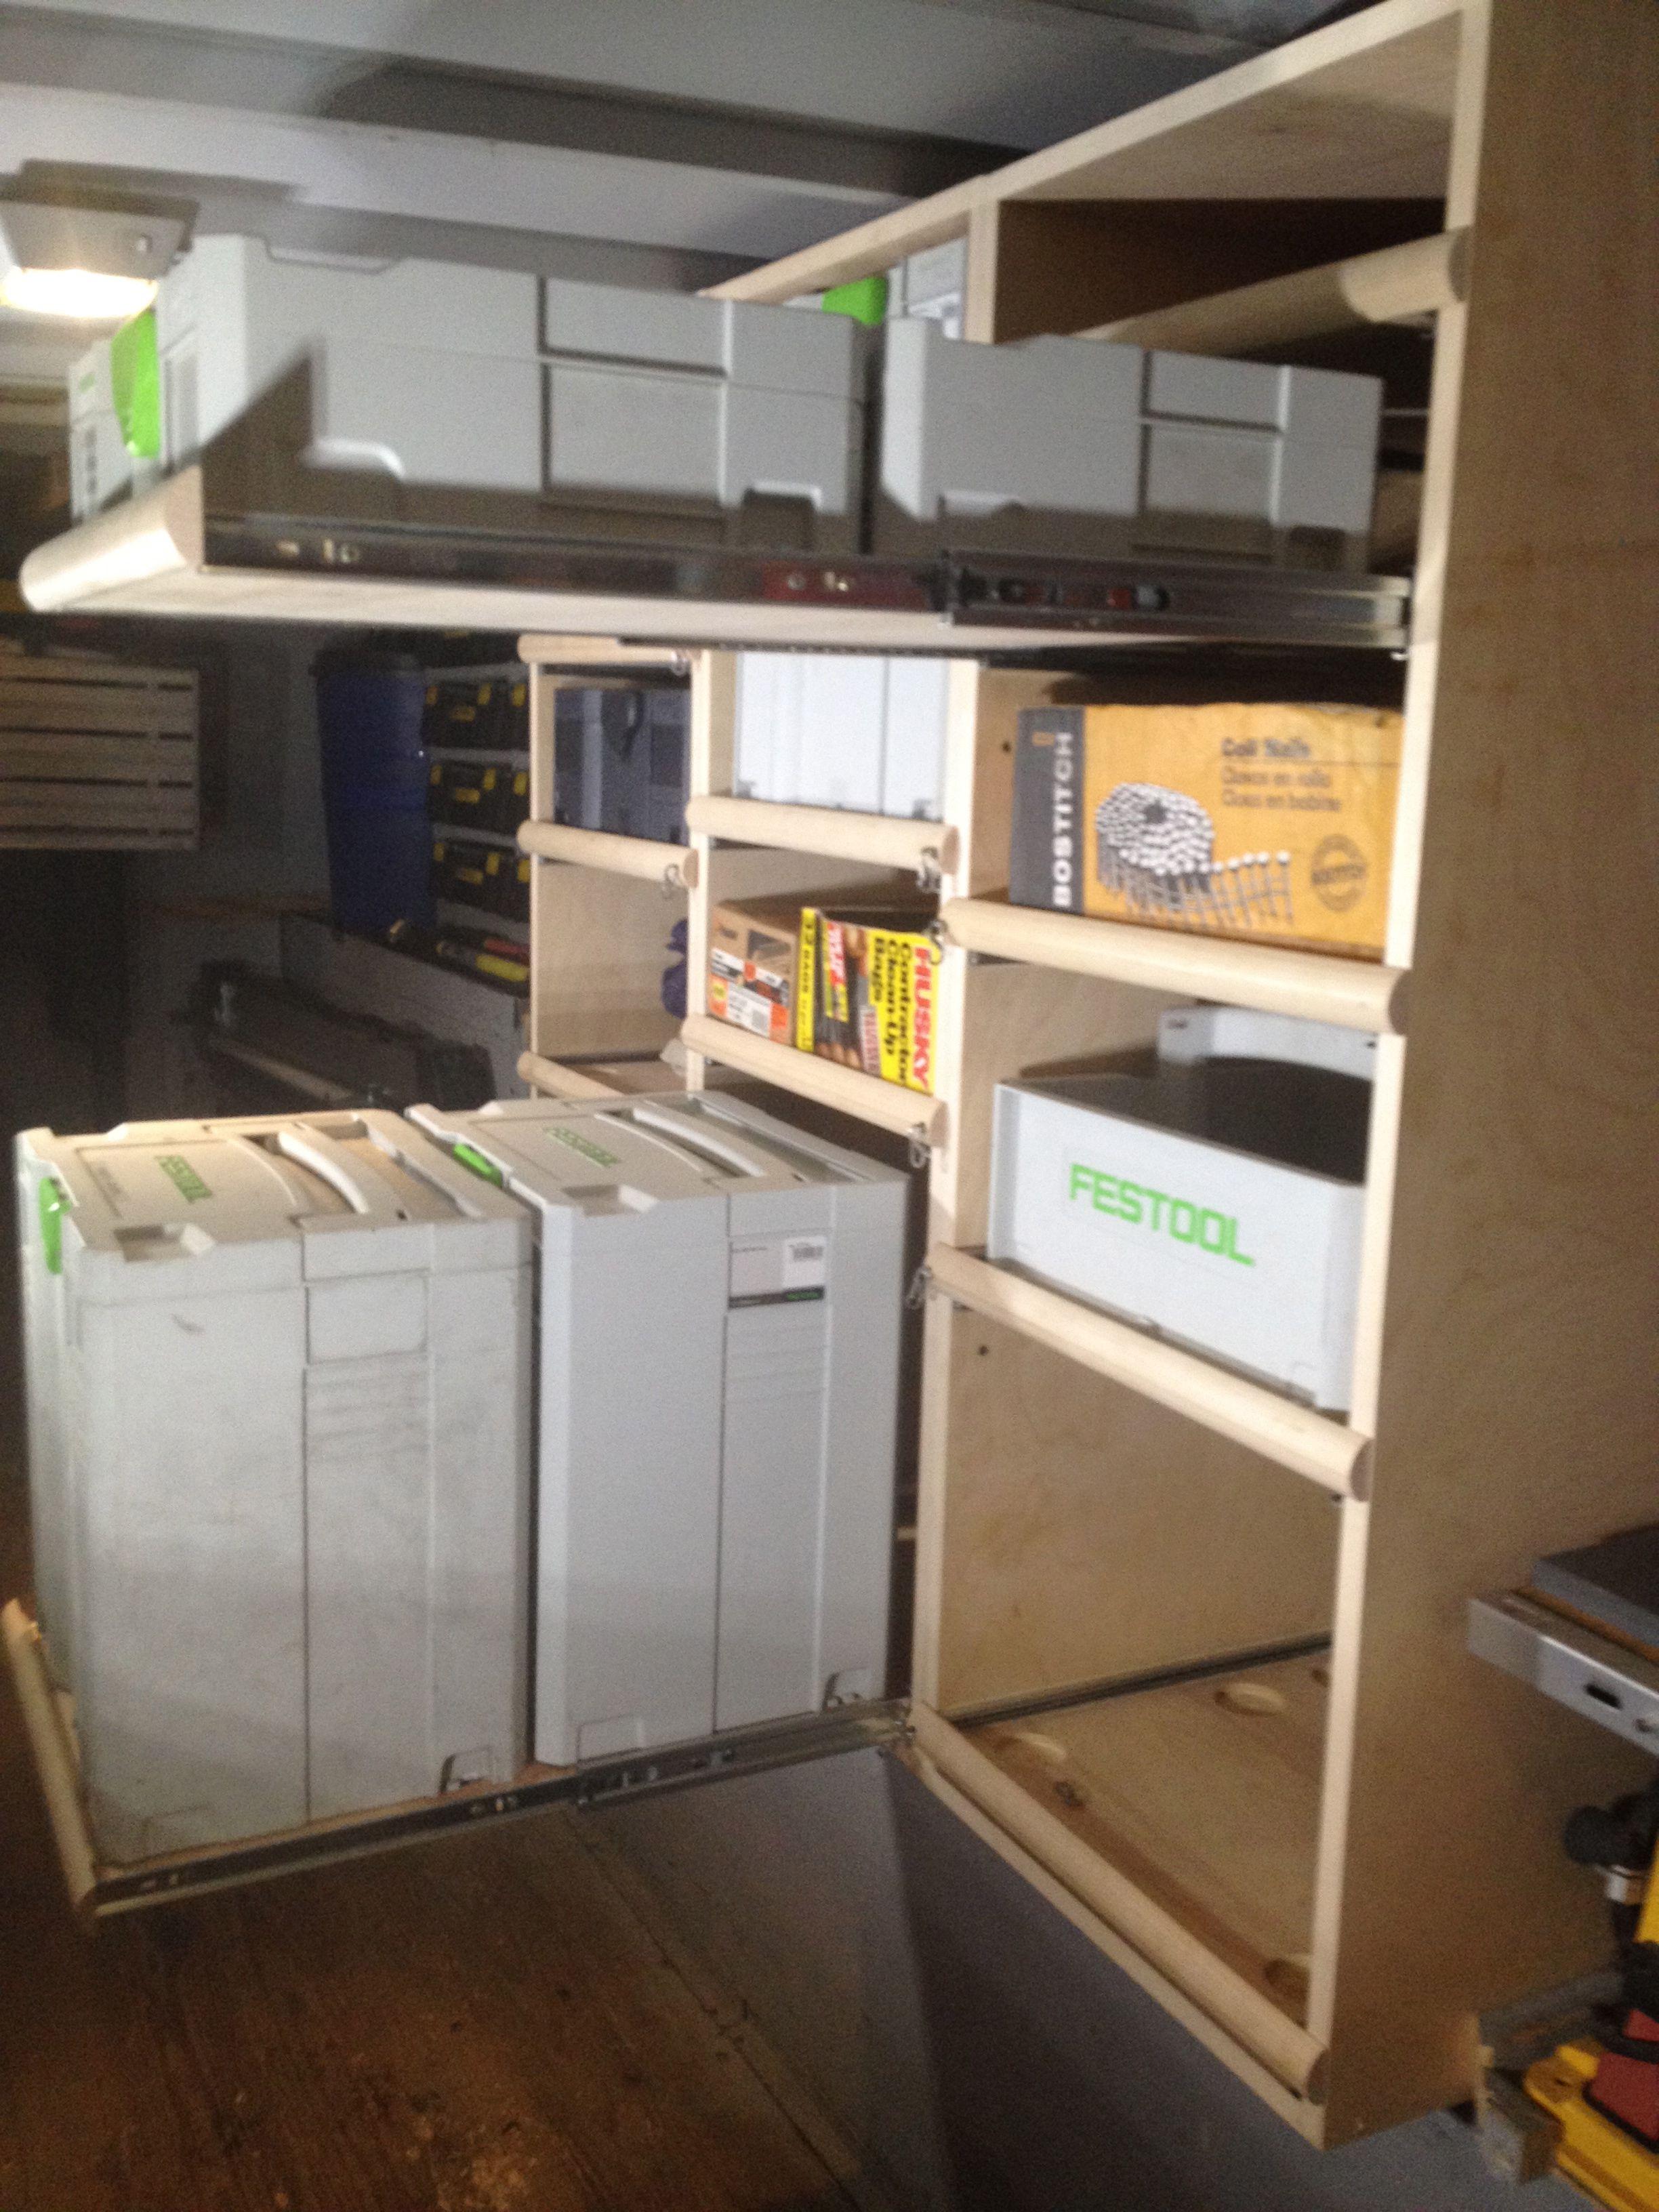 4 Ram Promaster Van Racking Project Work Truck Van